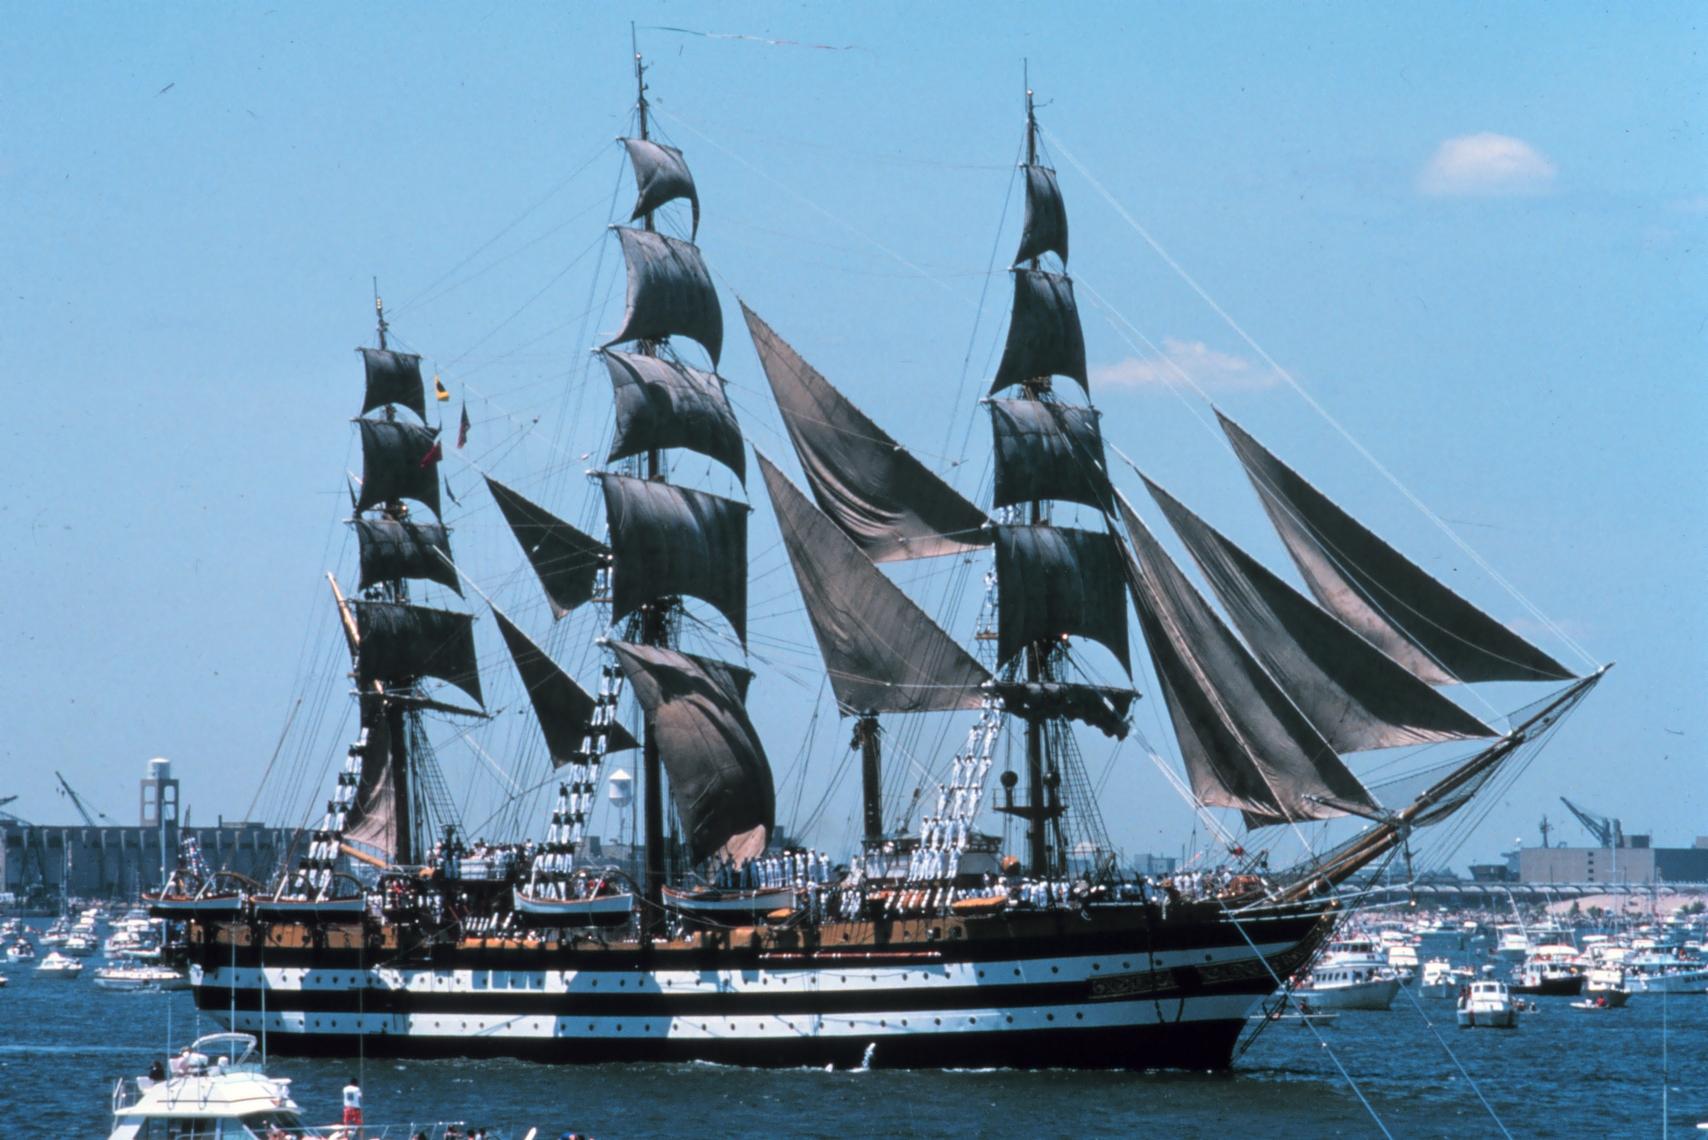 topp på skepp korsord